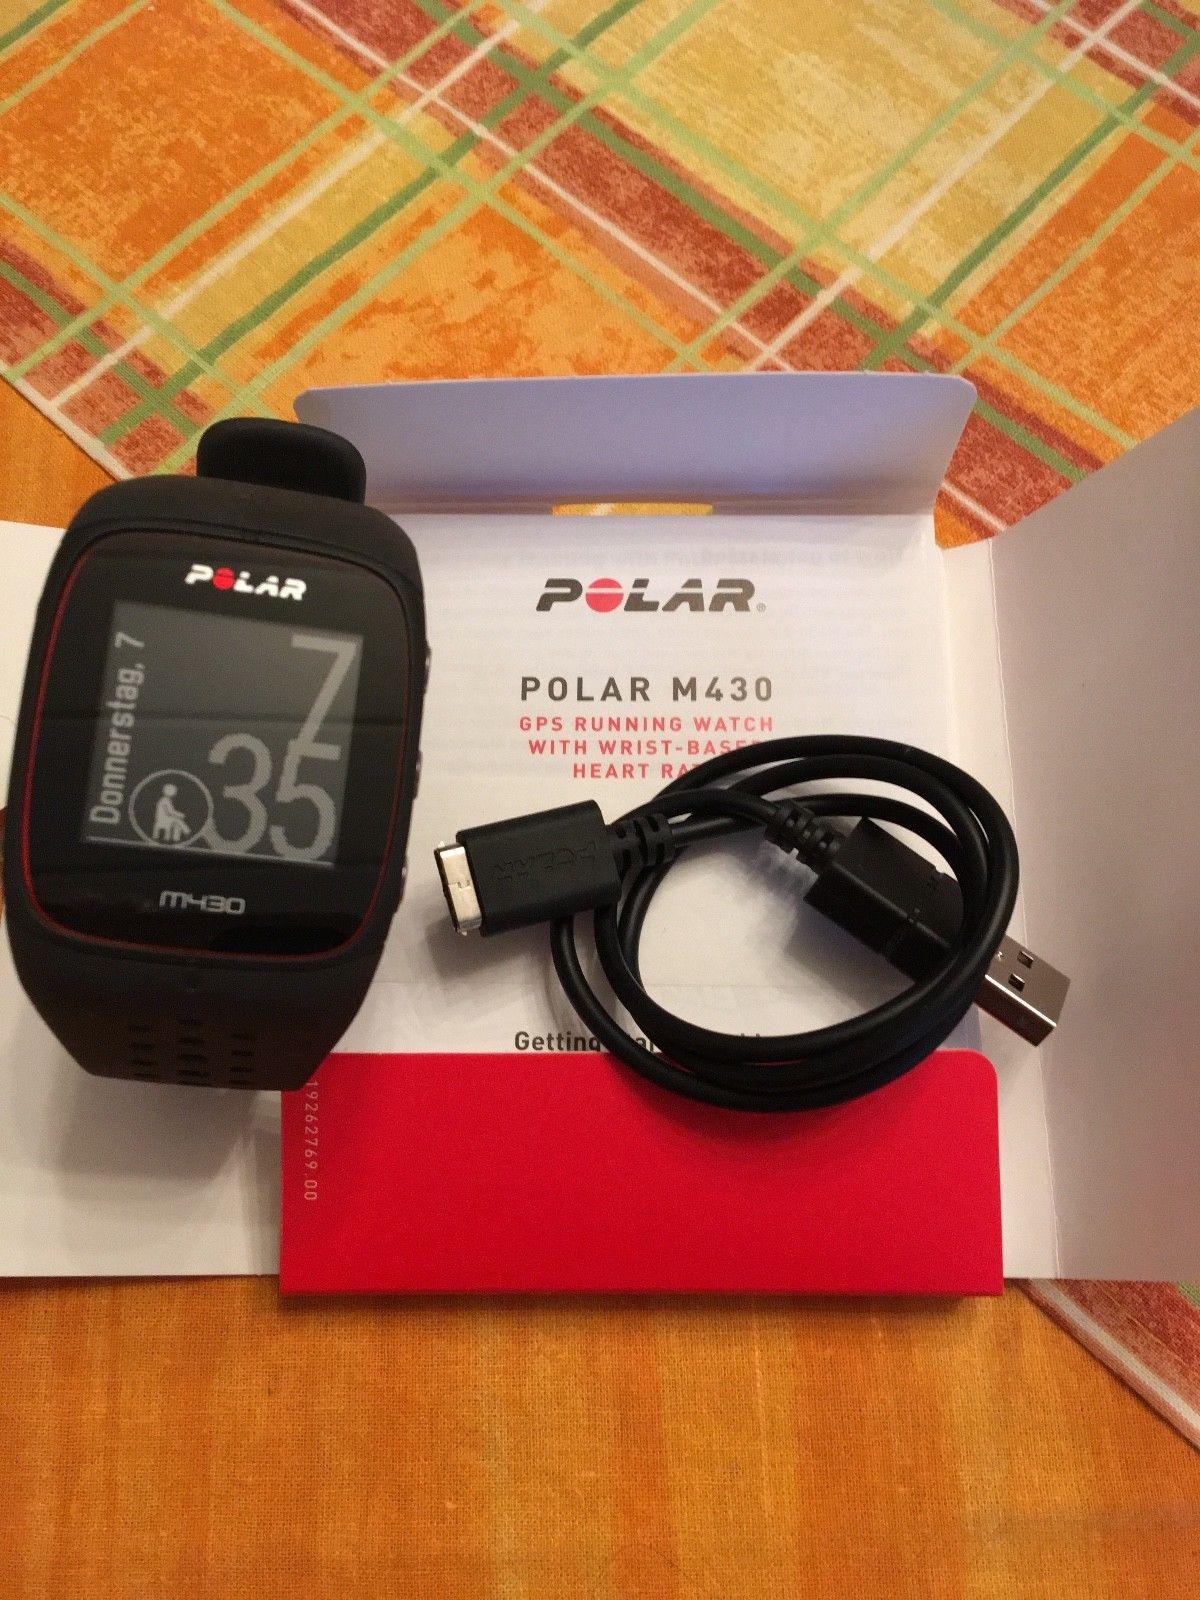 Polar M430 Schwarz, Lauf-/Pulsuhr mit GPS, Herzfrequenzmessung, Bluetooth